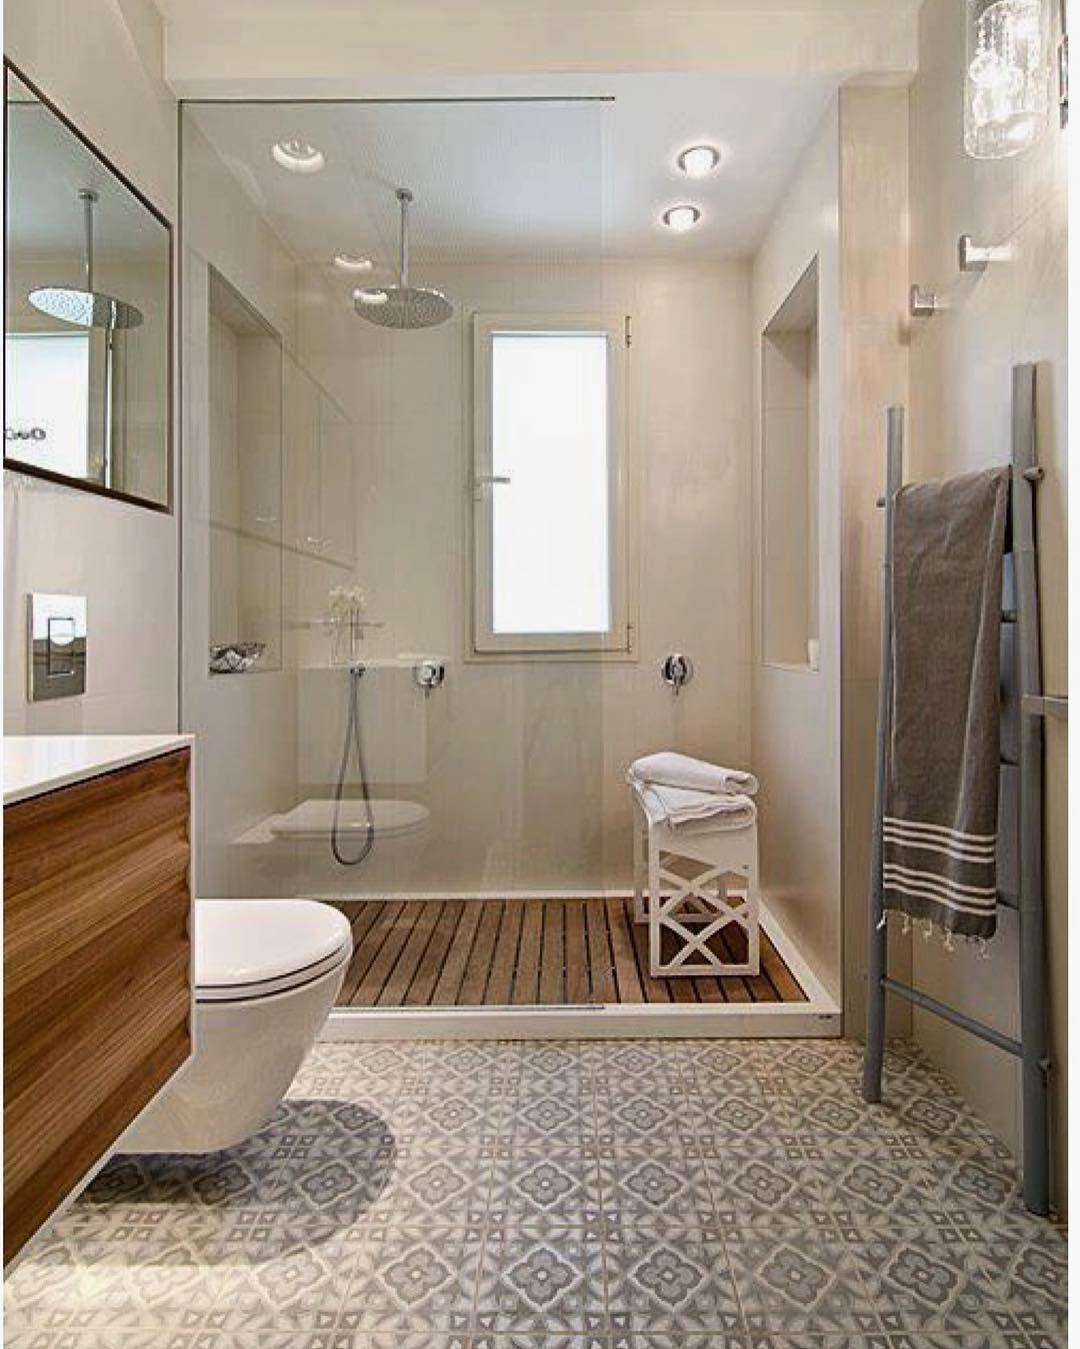 Ladrilho Hidraulico Piso Banheiro : Um banheiro amplo e bem iluminado que mescla ladrilho